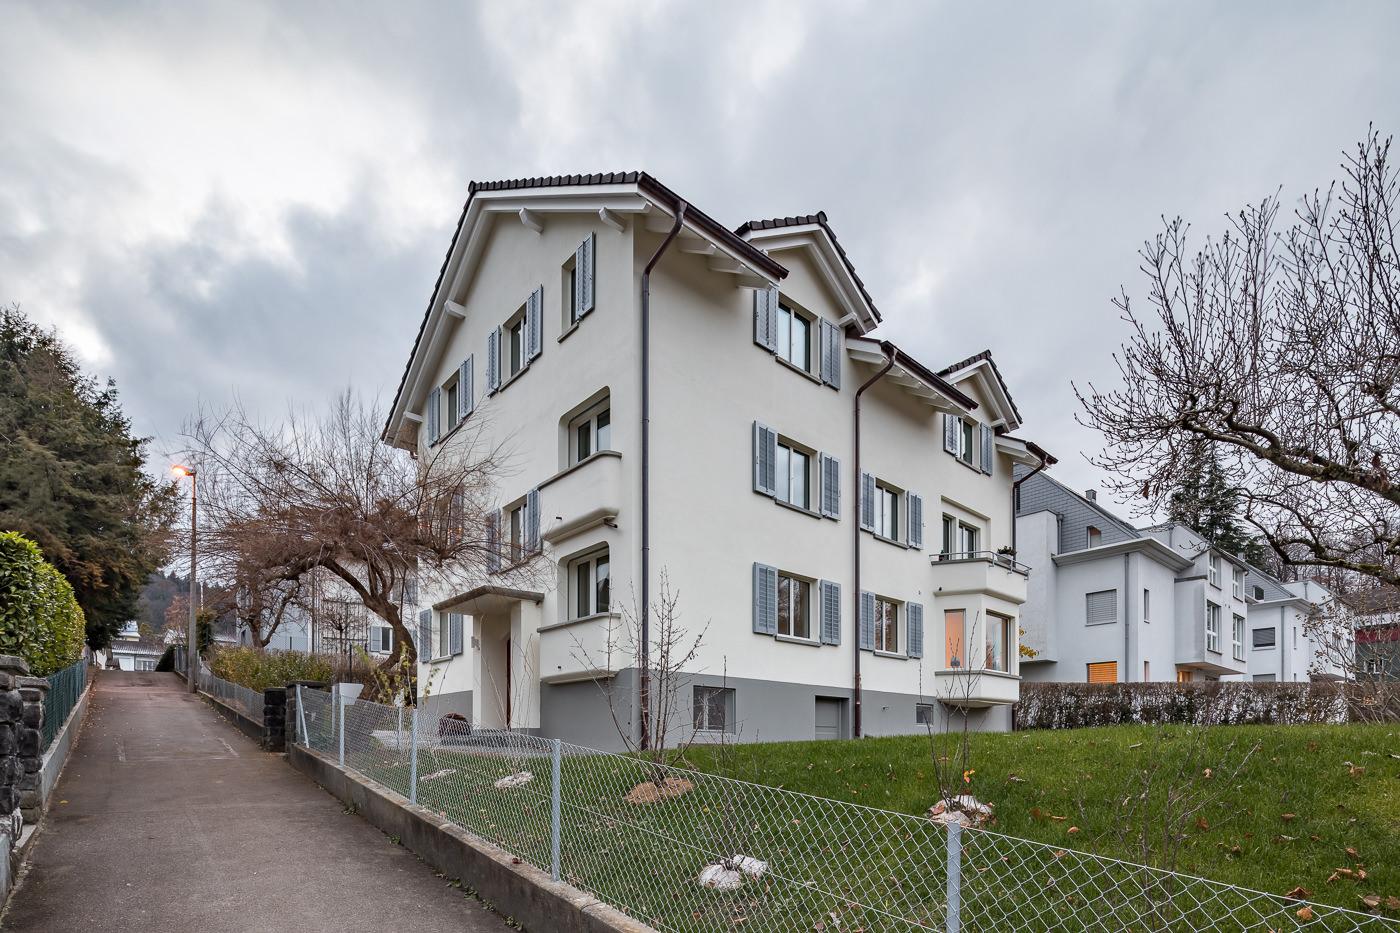 buan architekten – Wohnhaus Langensandstrasse Luzern – Aussen – 1